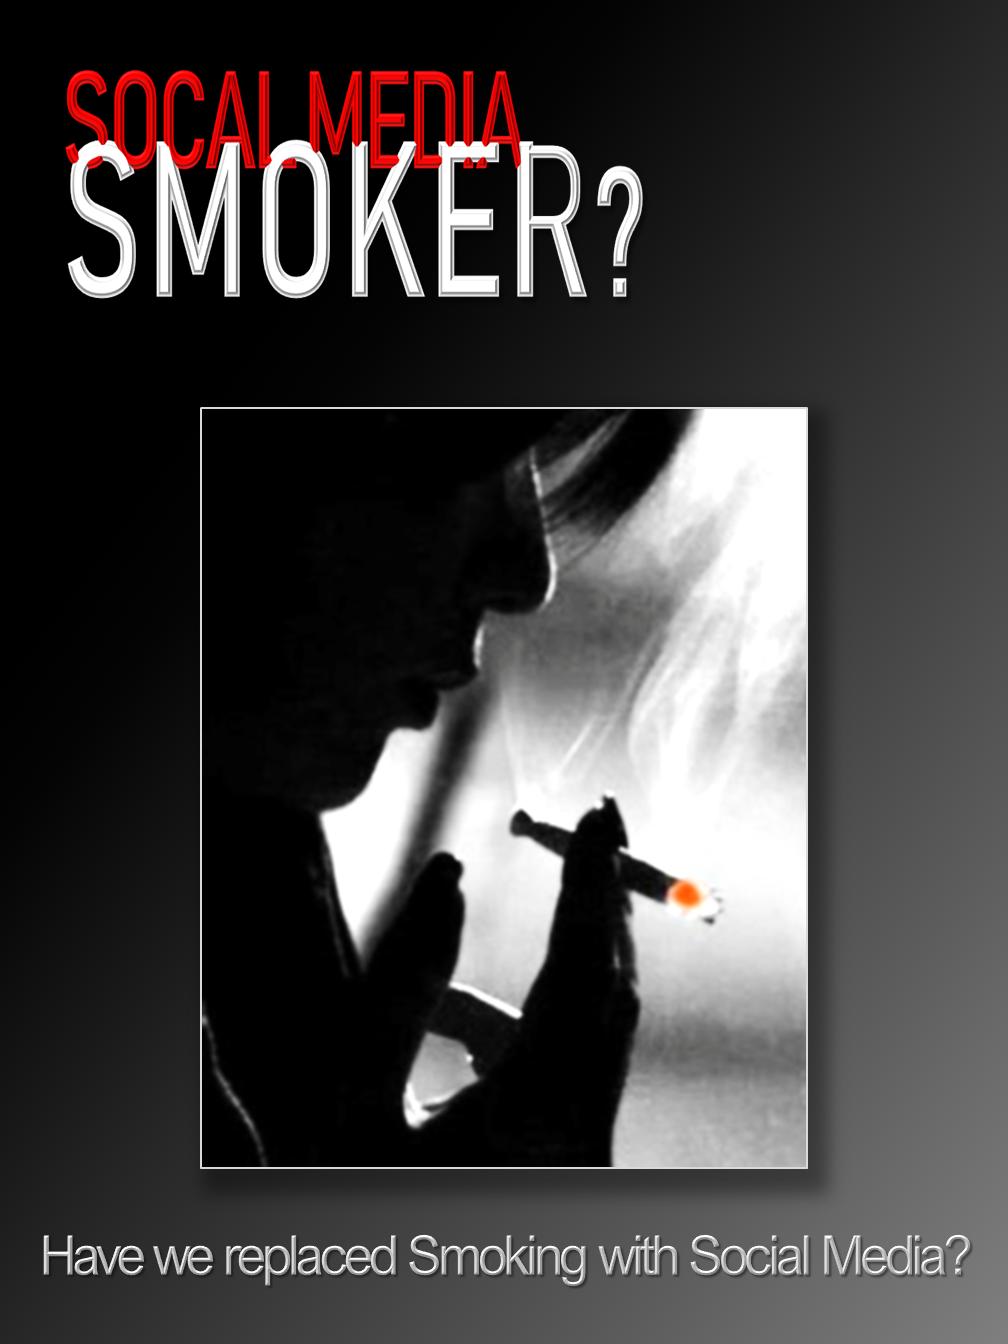 SM's Smoker?